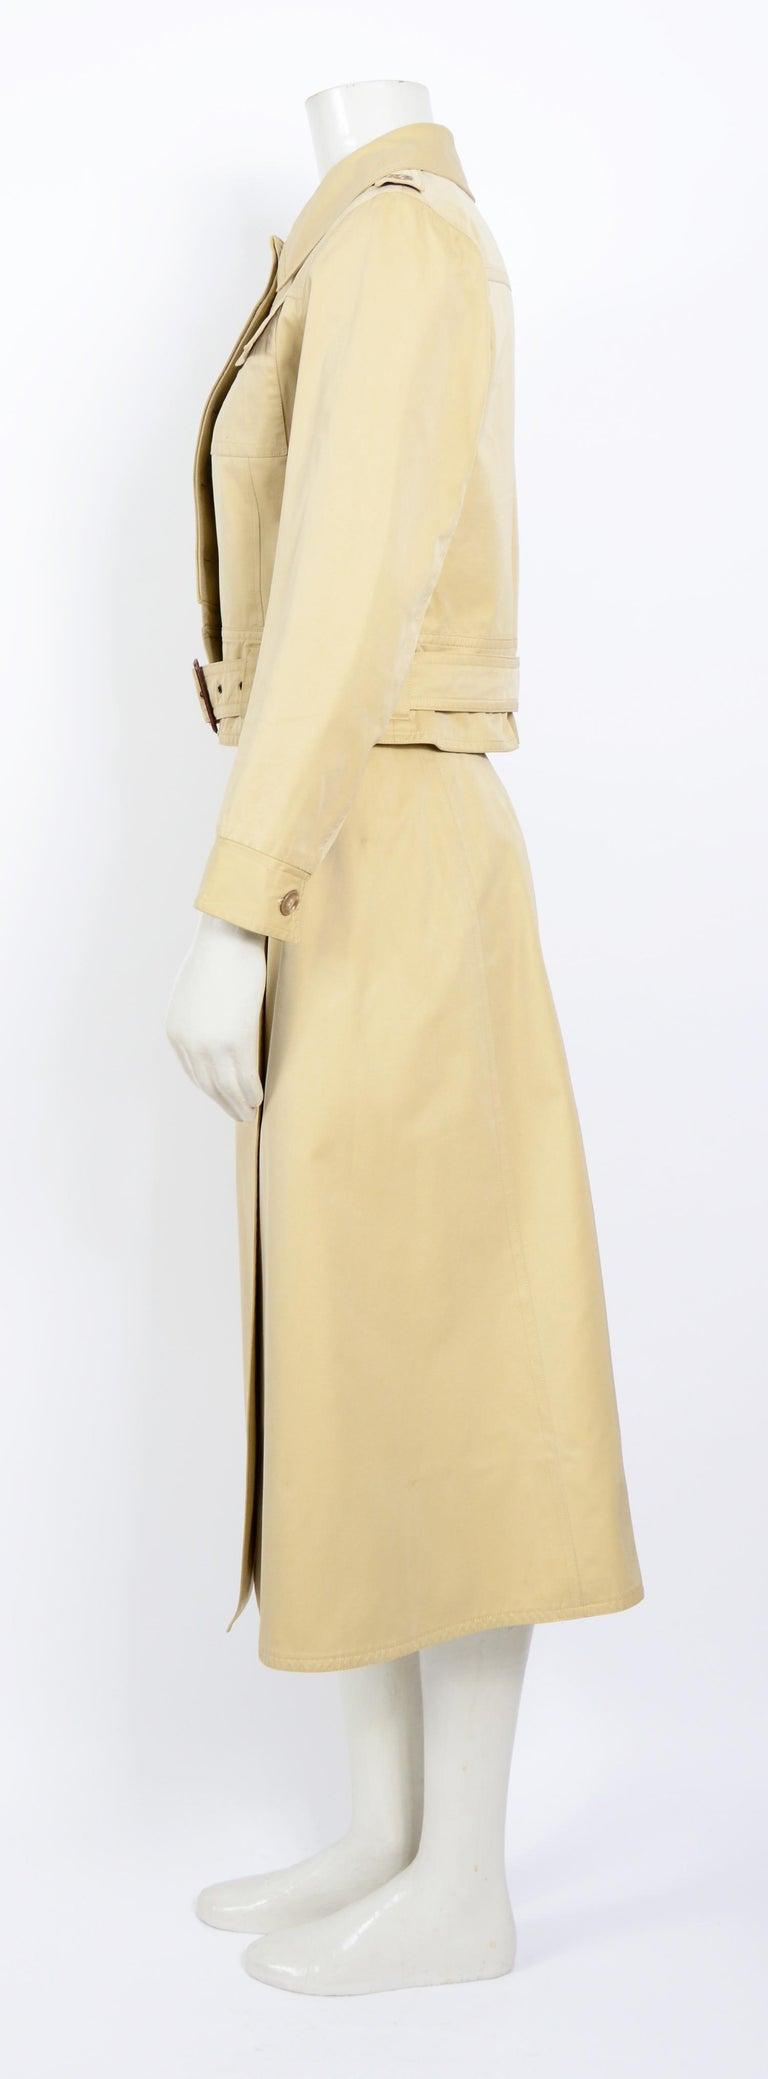 Beige Yves Saint Laurent 1969 collection safari suit as seen on Loulou de la Falaise For Sale